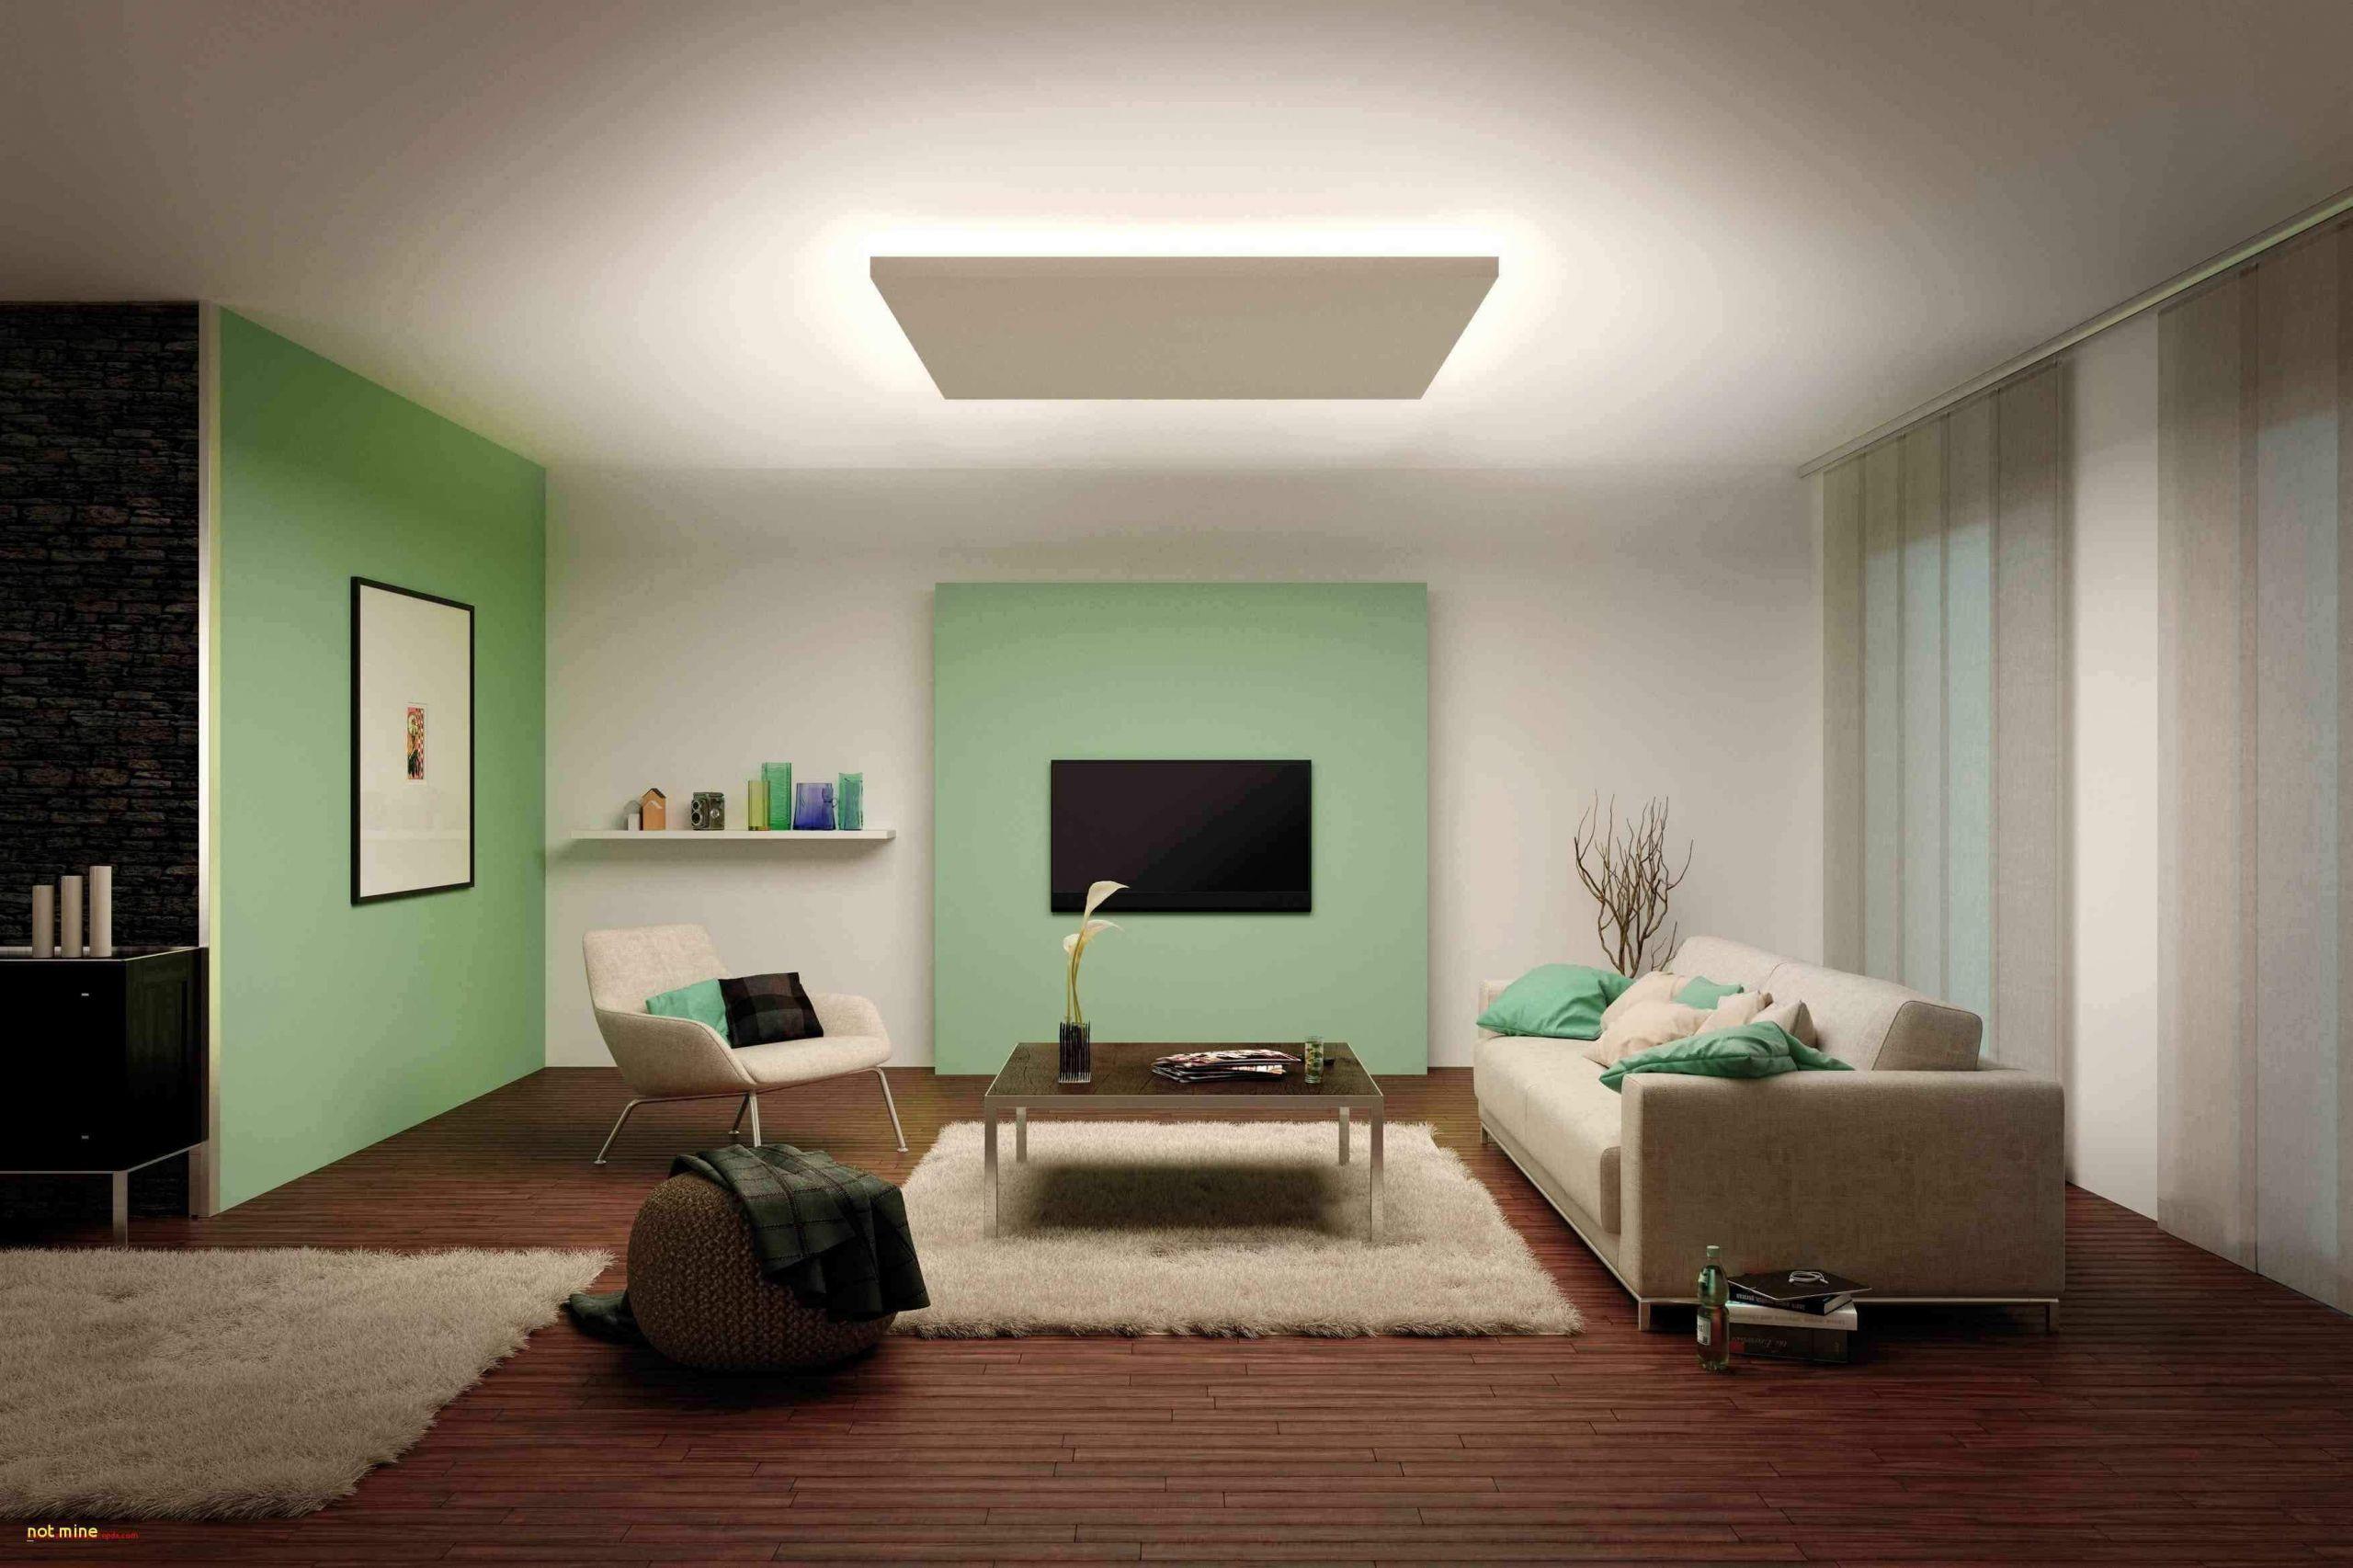 wohnzimmer ideen landhausstil einzigartig landhausstil wohnzimmer elegant wand licht dekoration fresh of wohnzimmer ideen landhausstil scaled